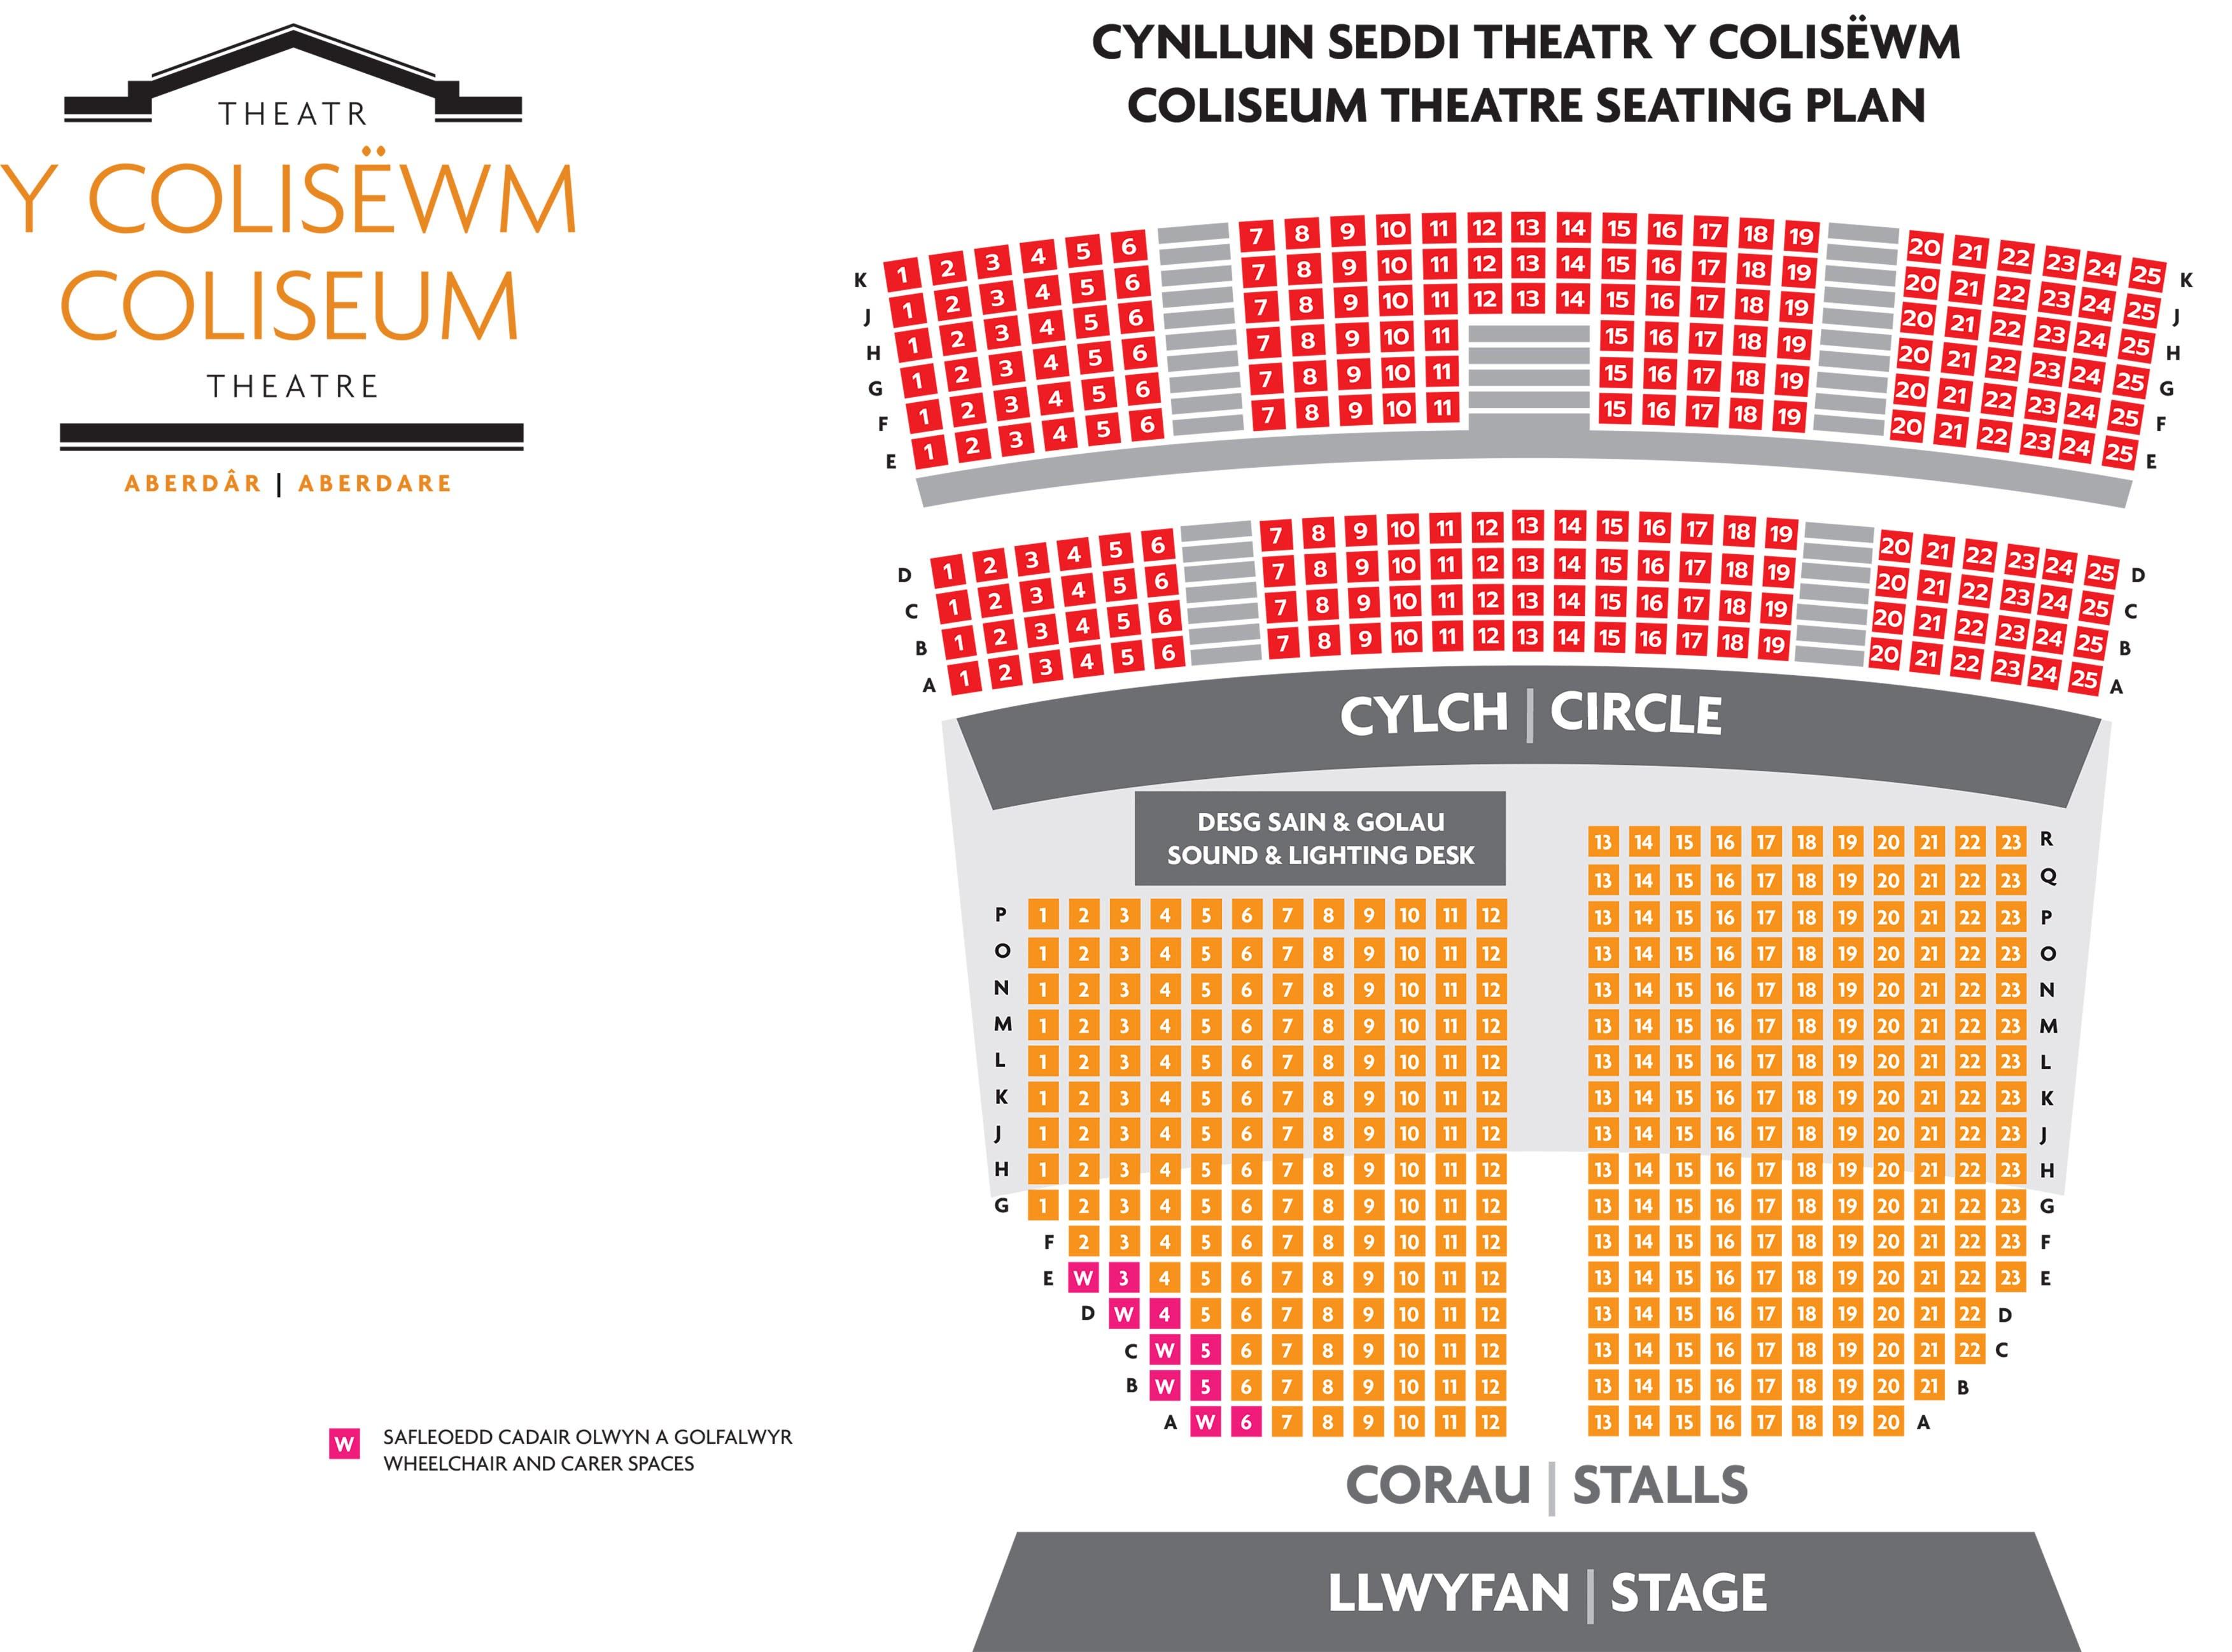 Coliseum Seating Plan 2021